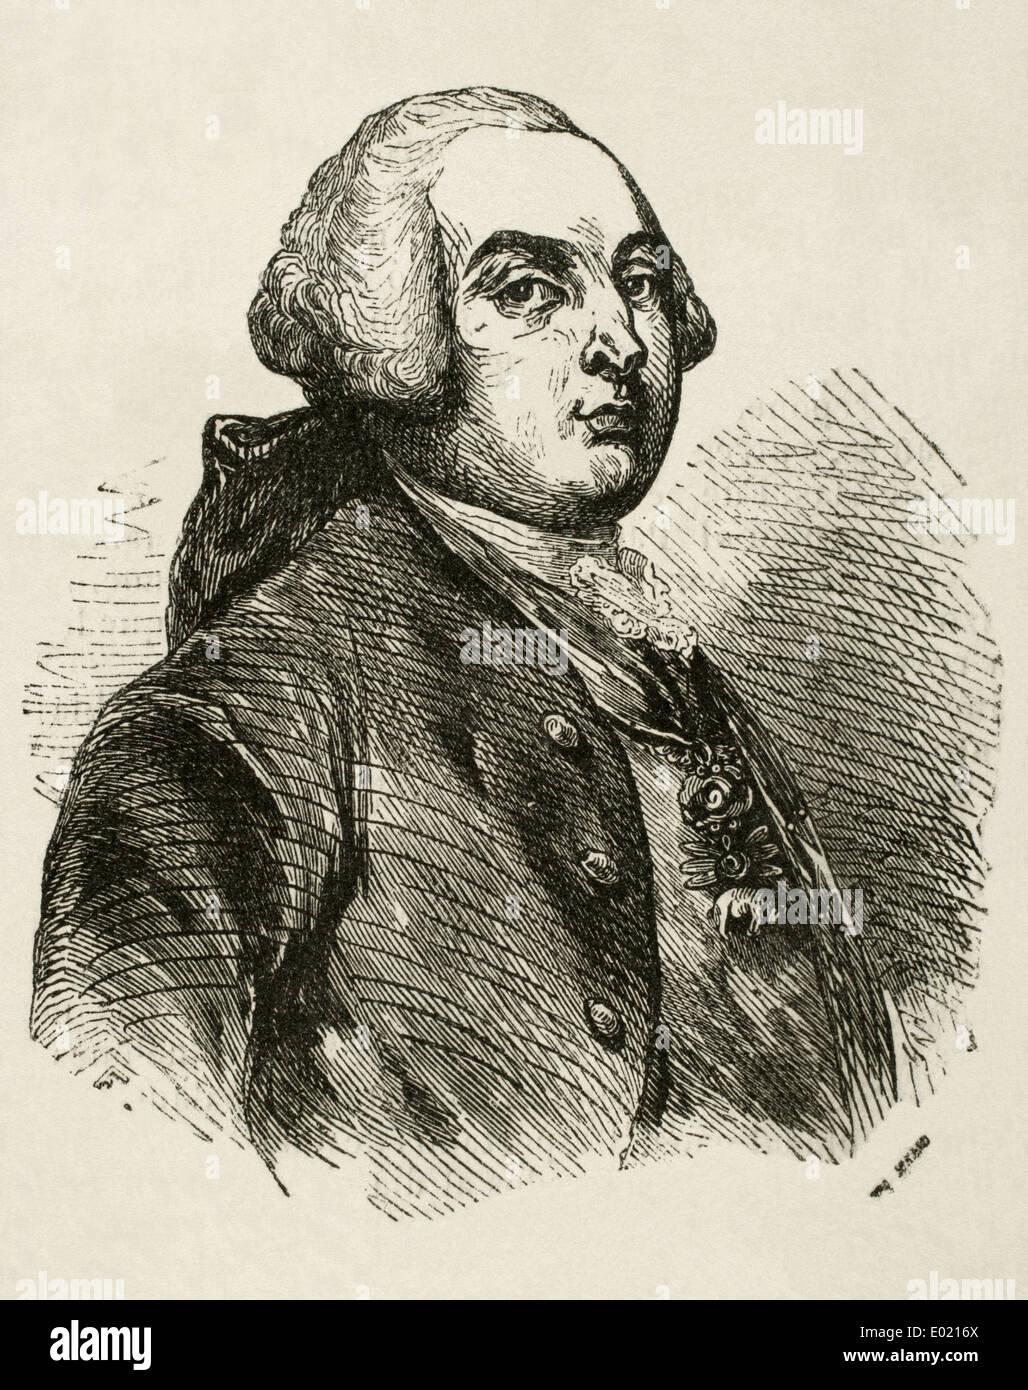 Louis XVI (1754-1793). King of France. Engraving. - Stock Image